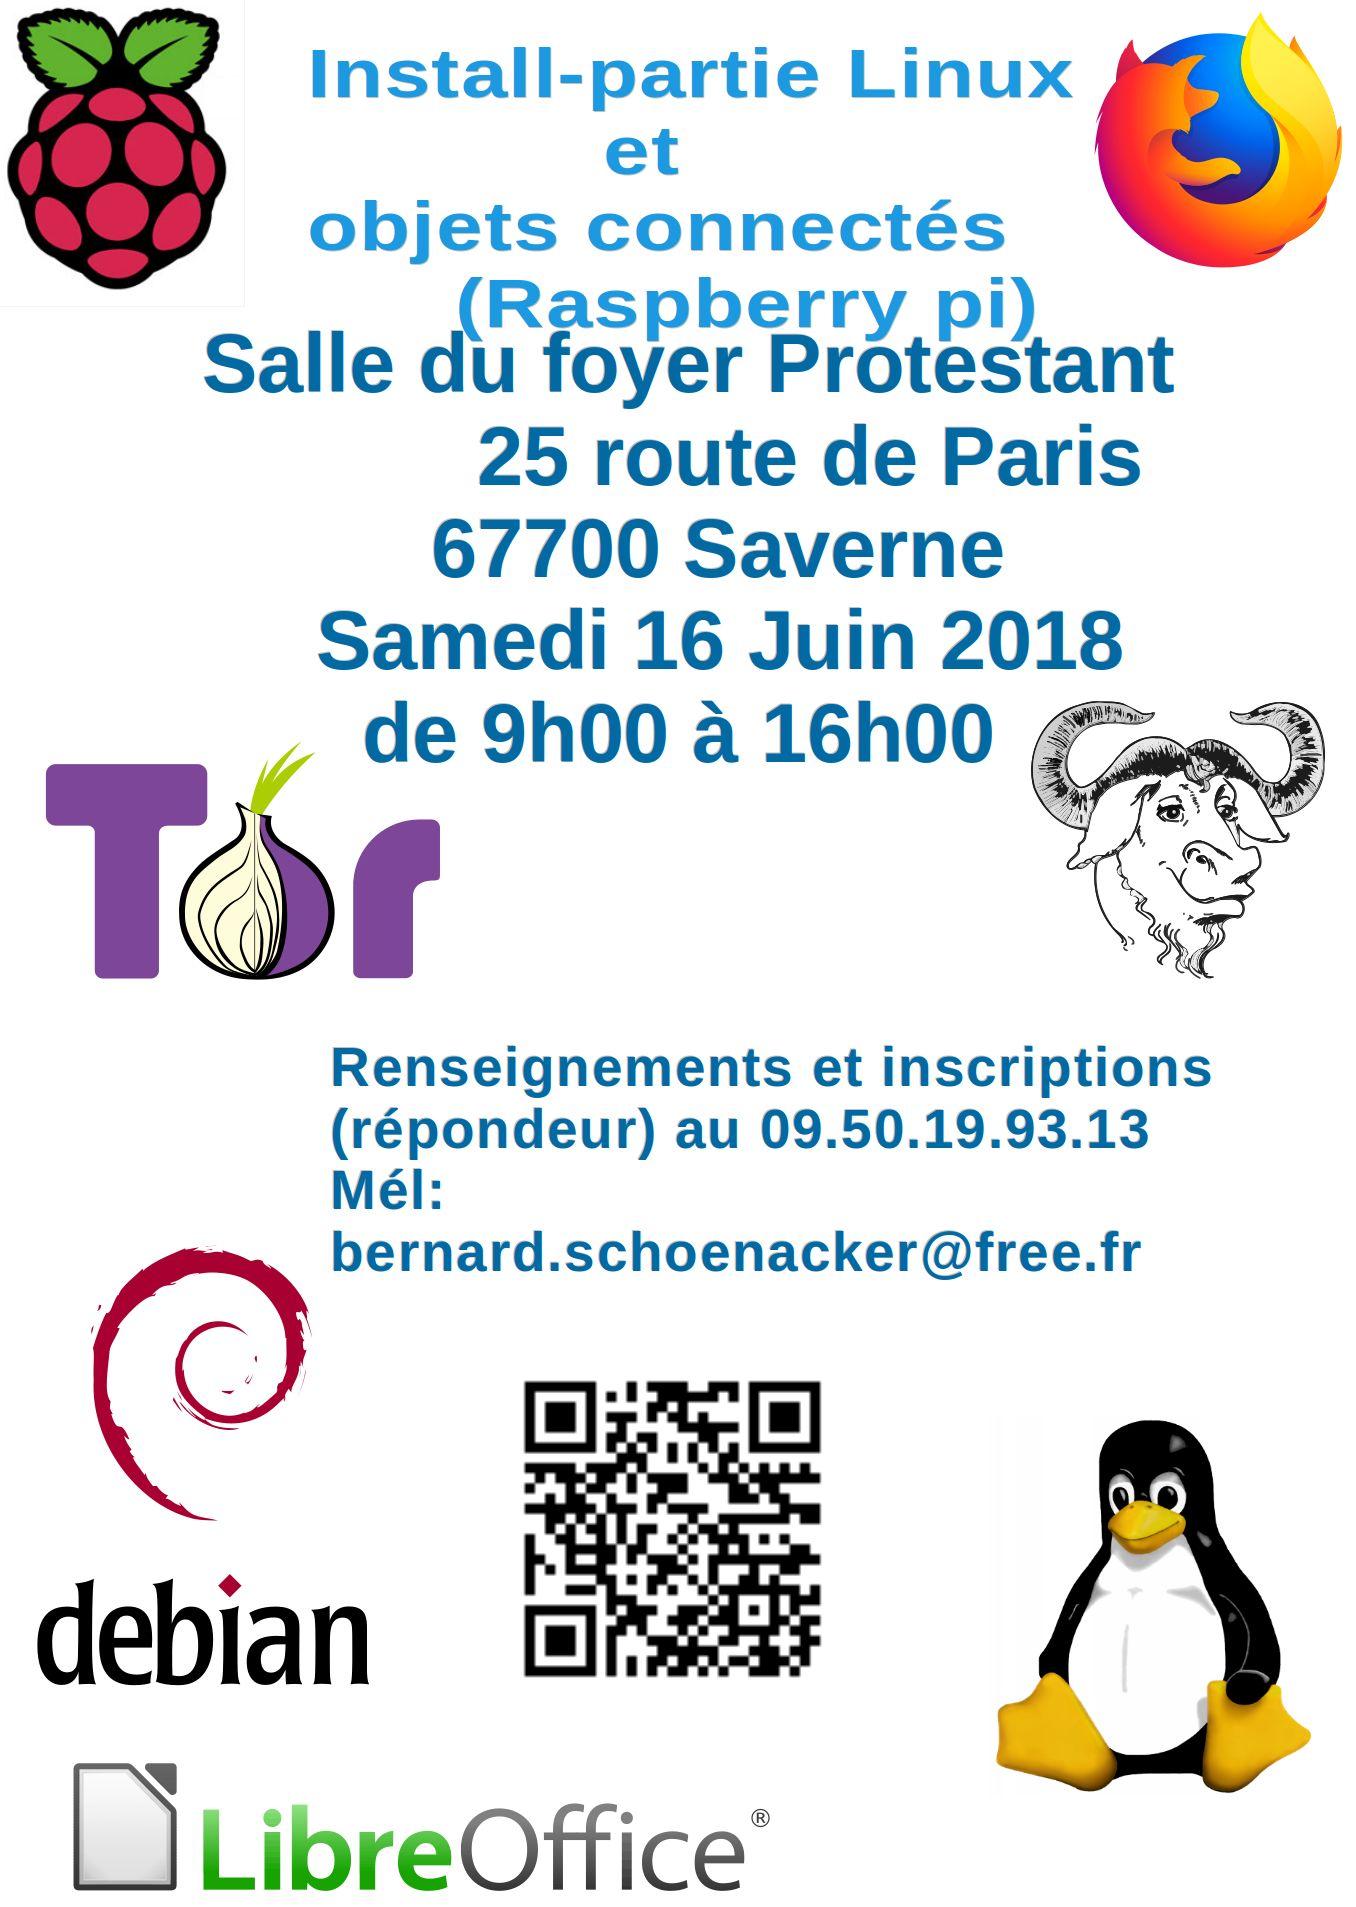 Découverte de Linux et des logiciels libres à Saverne le 16 juin